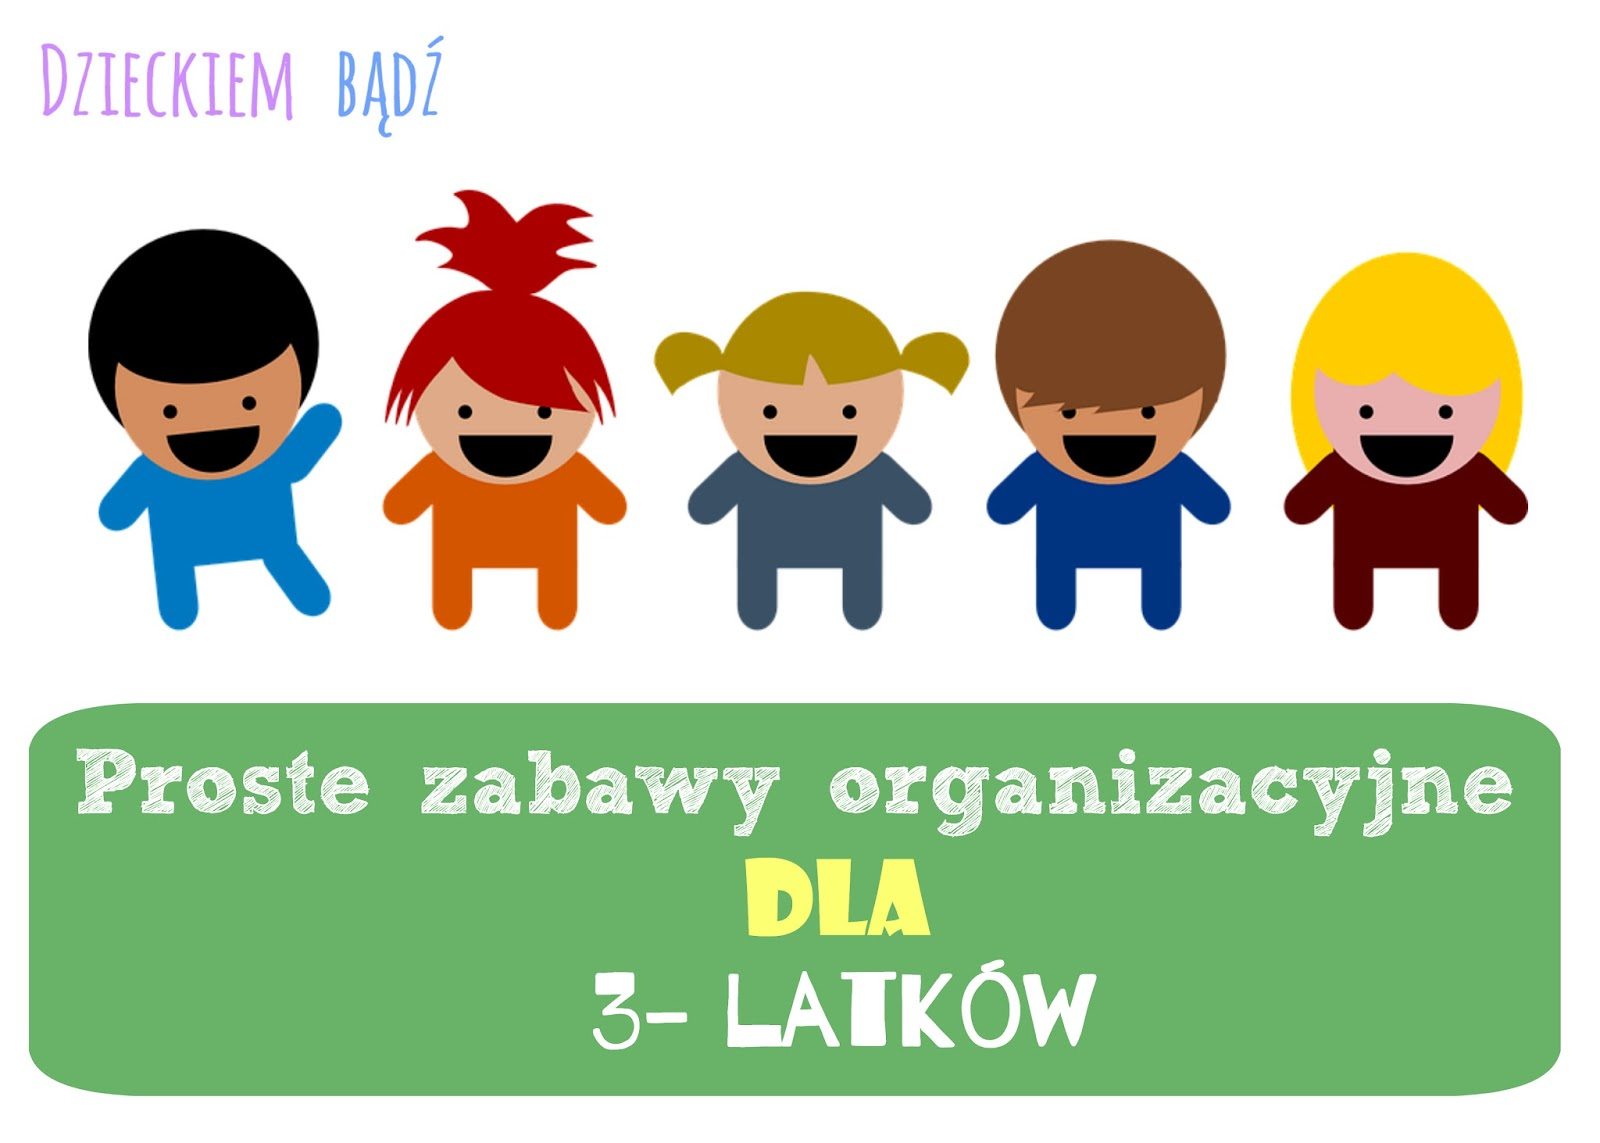 Dzieckiem Bądź Proste Zabawy Organizacyjne Dla 3 Latków